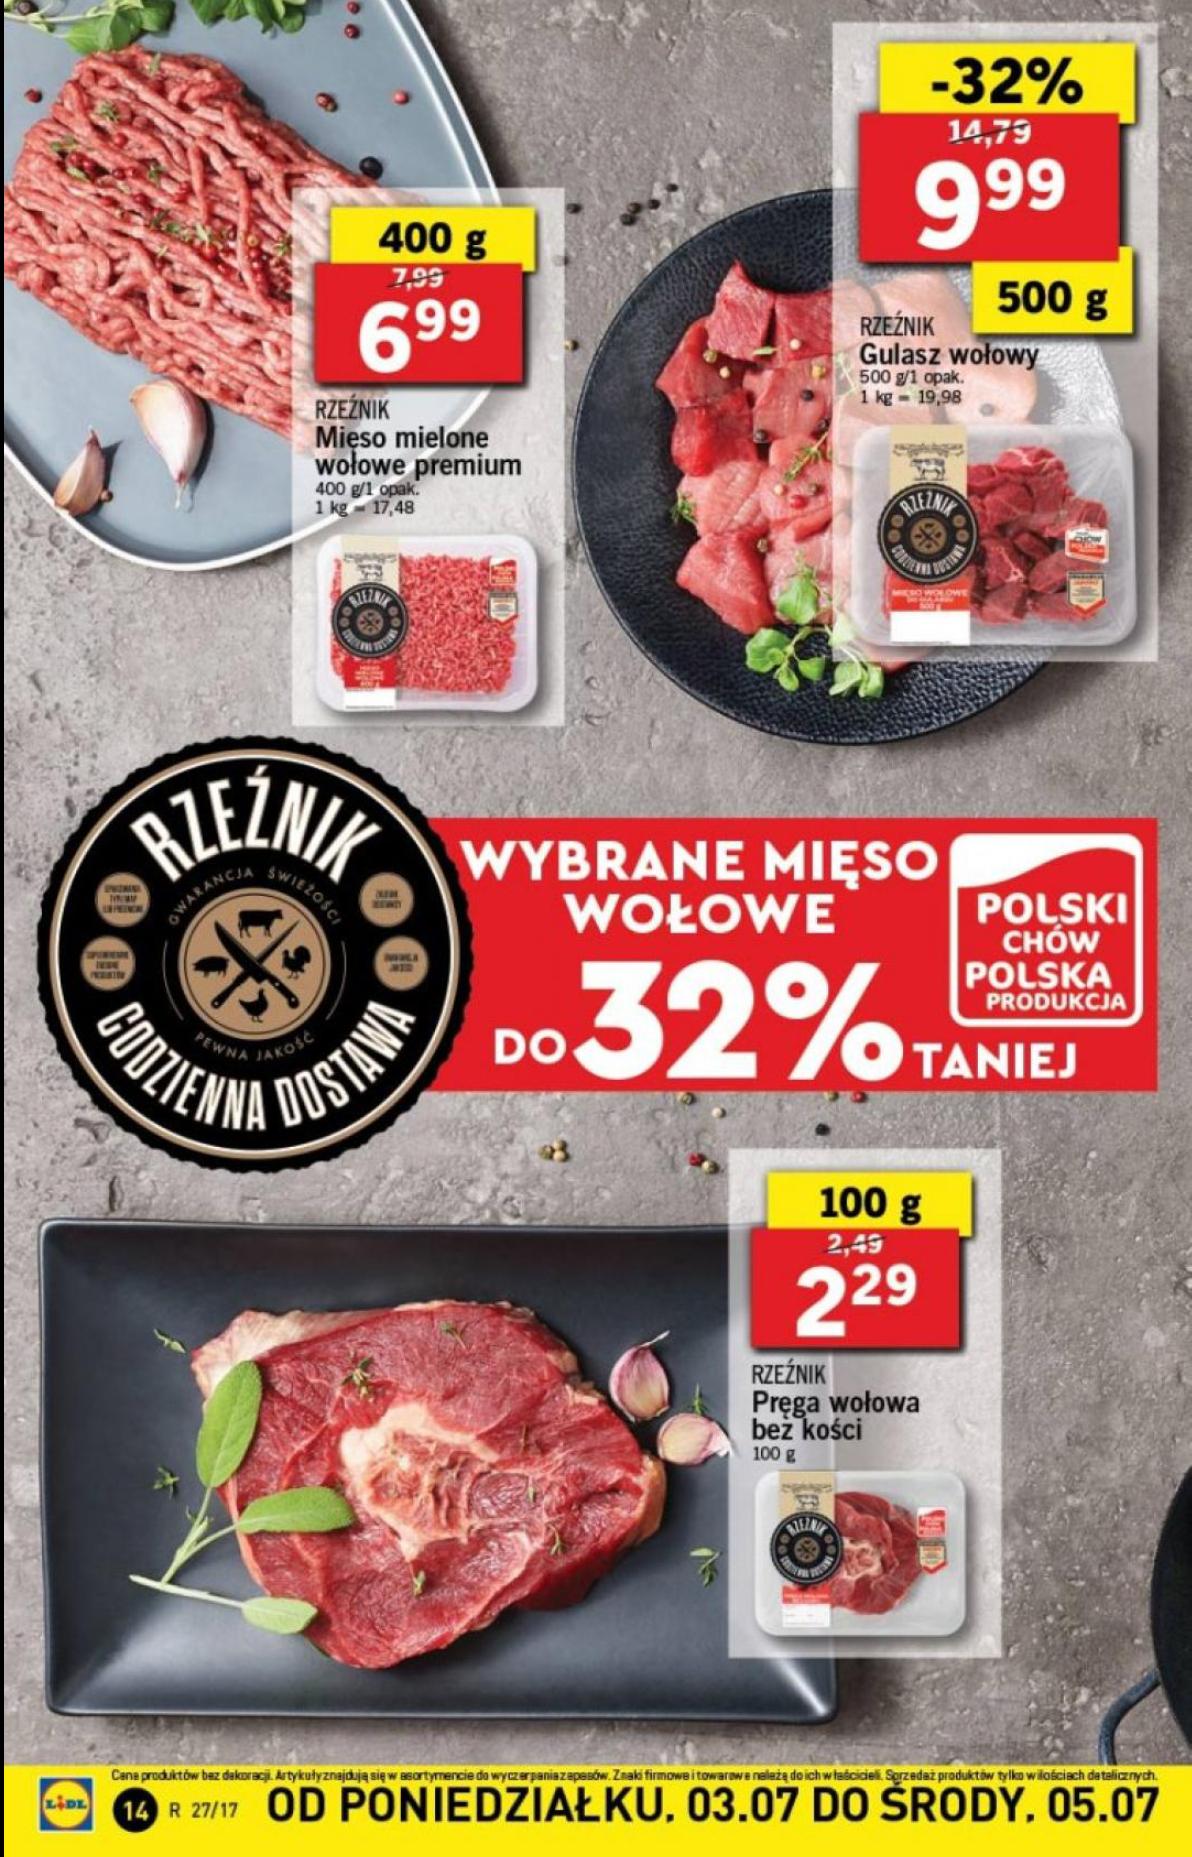 Mięso wołowe w Lidlu